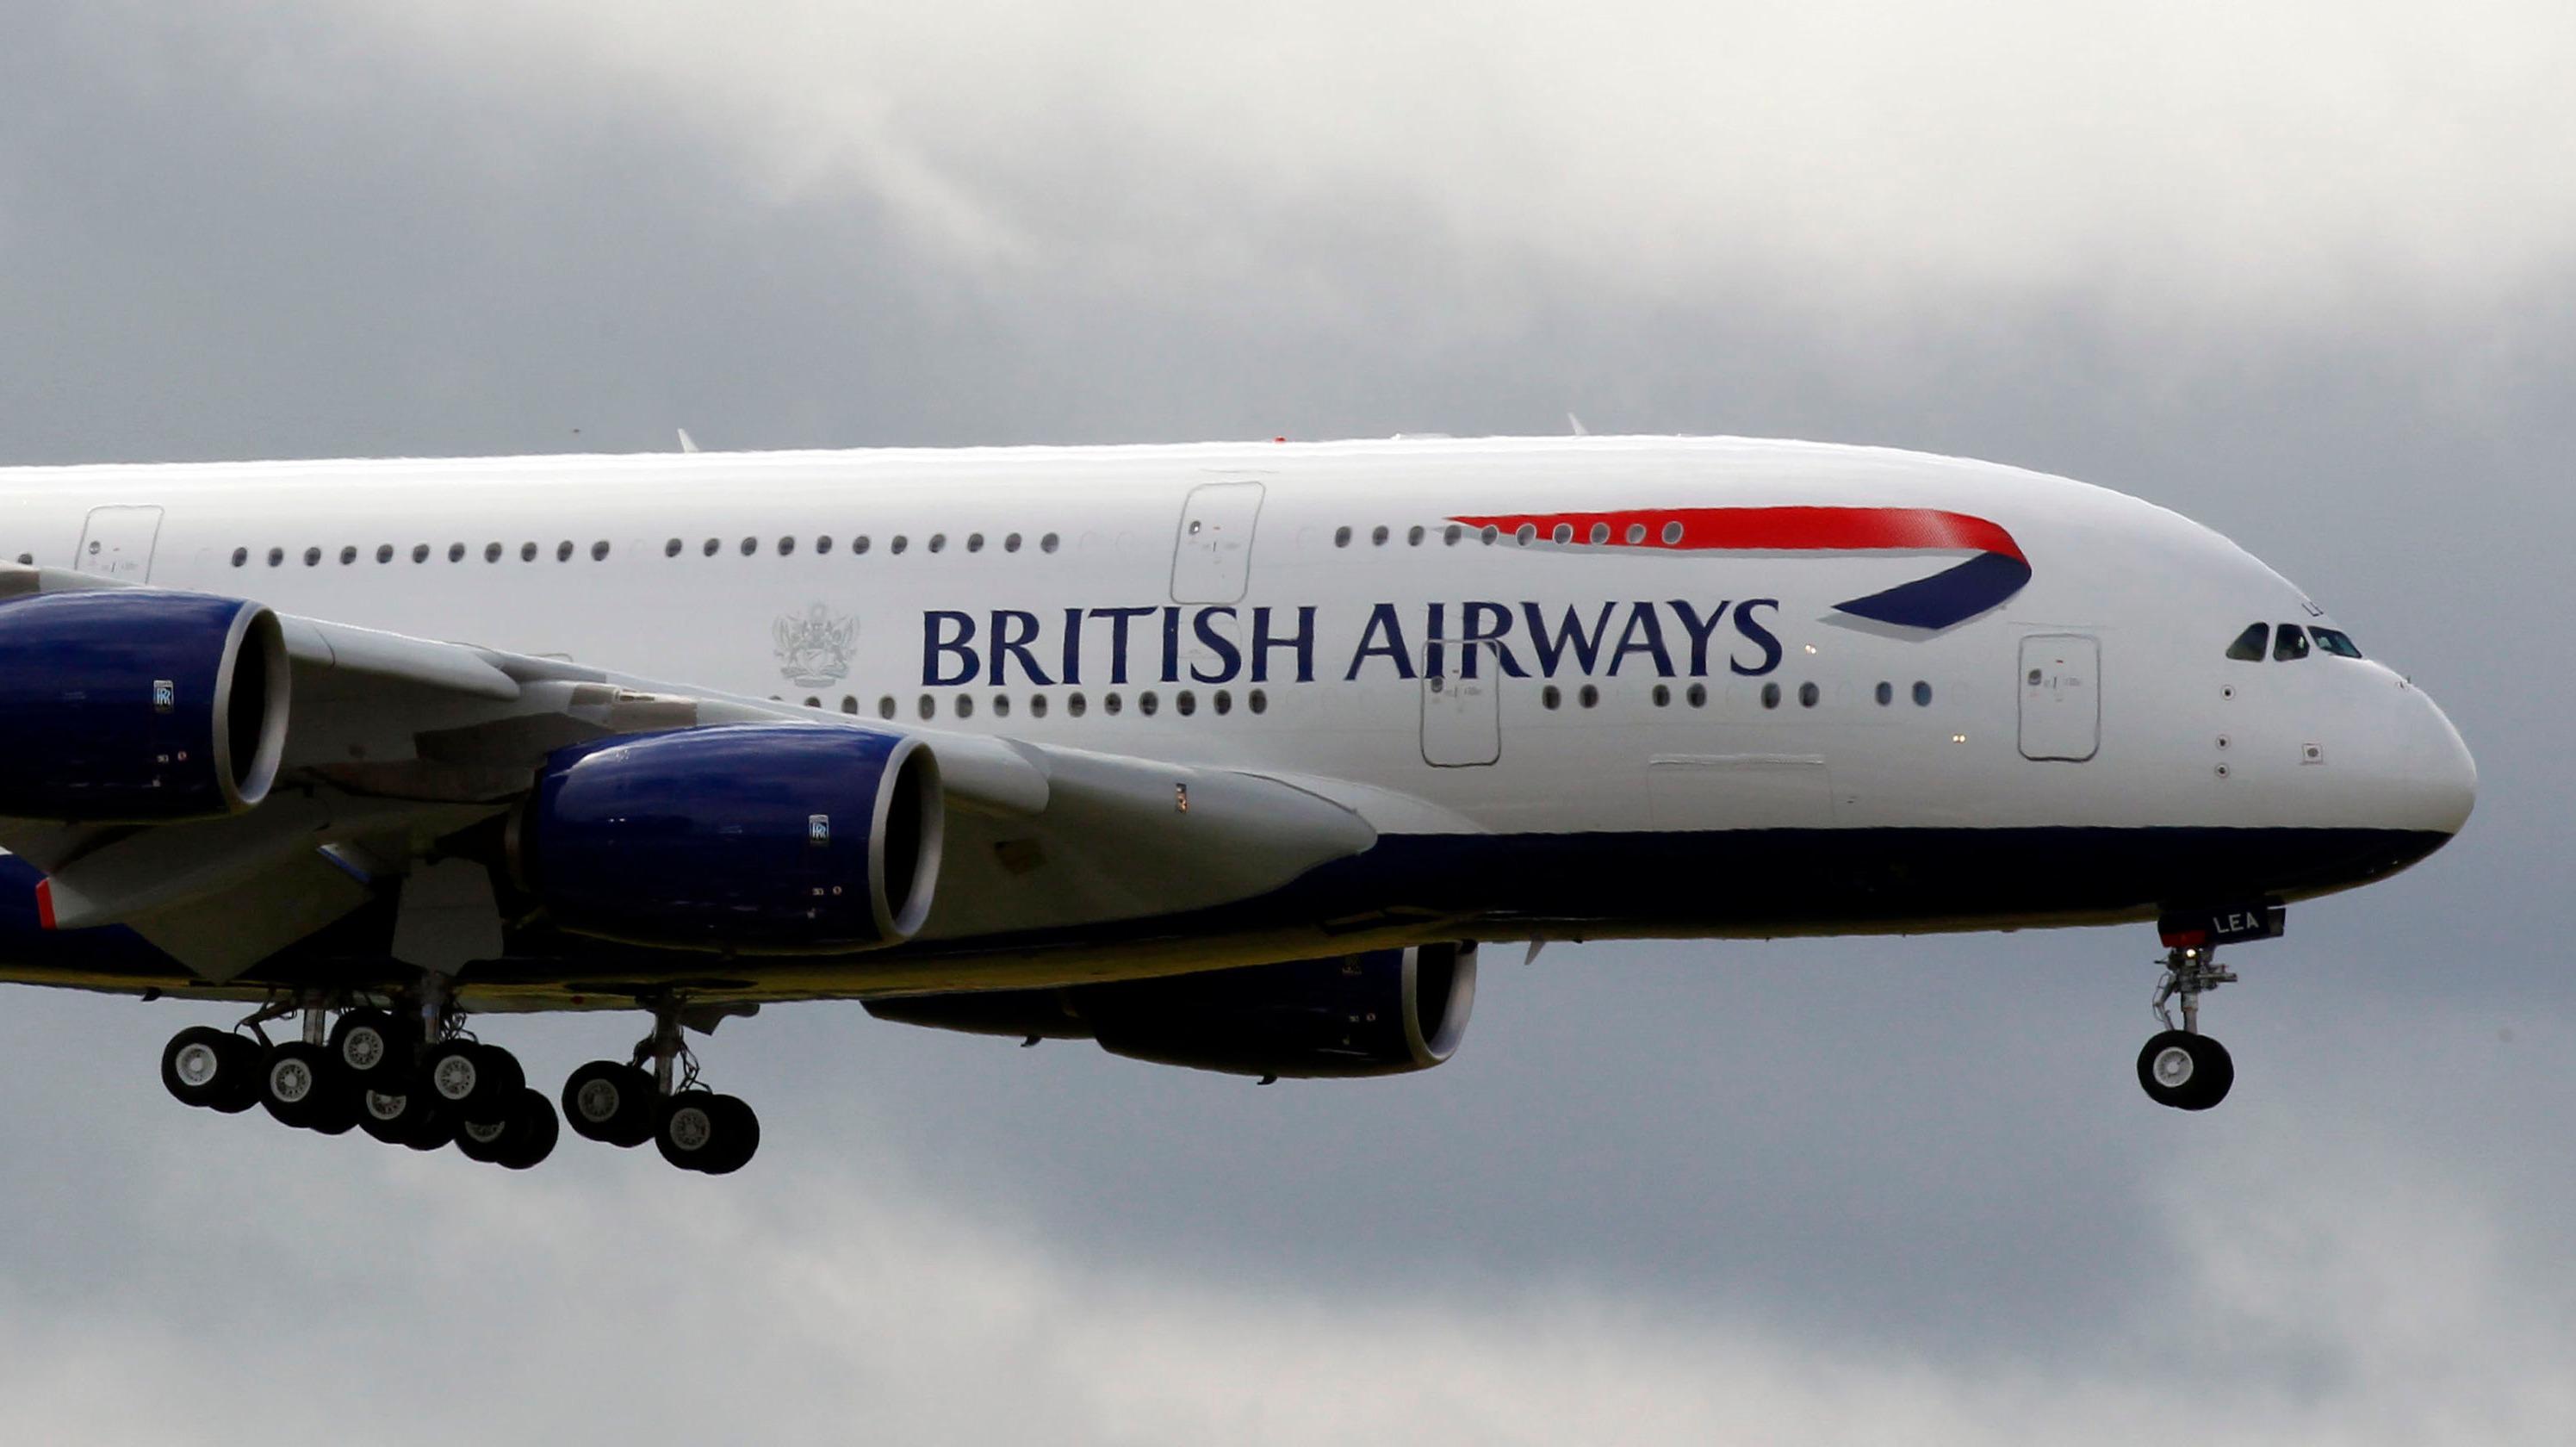 British airwayss environment